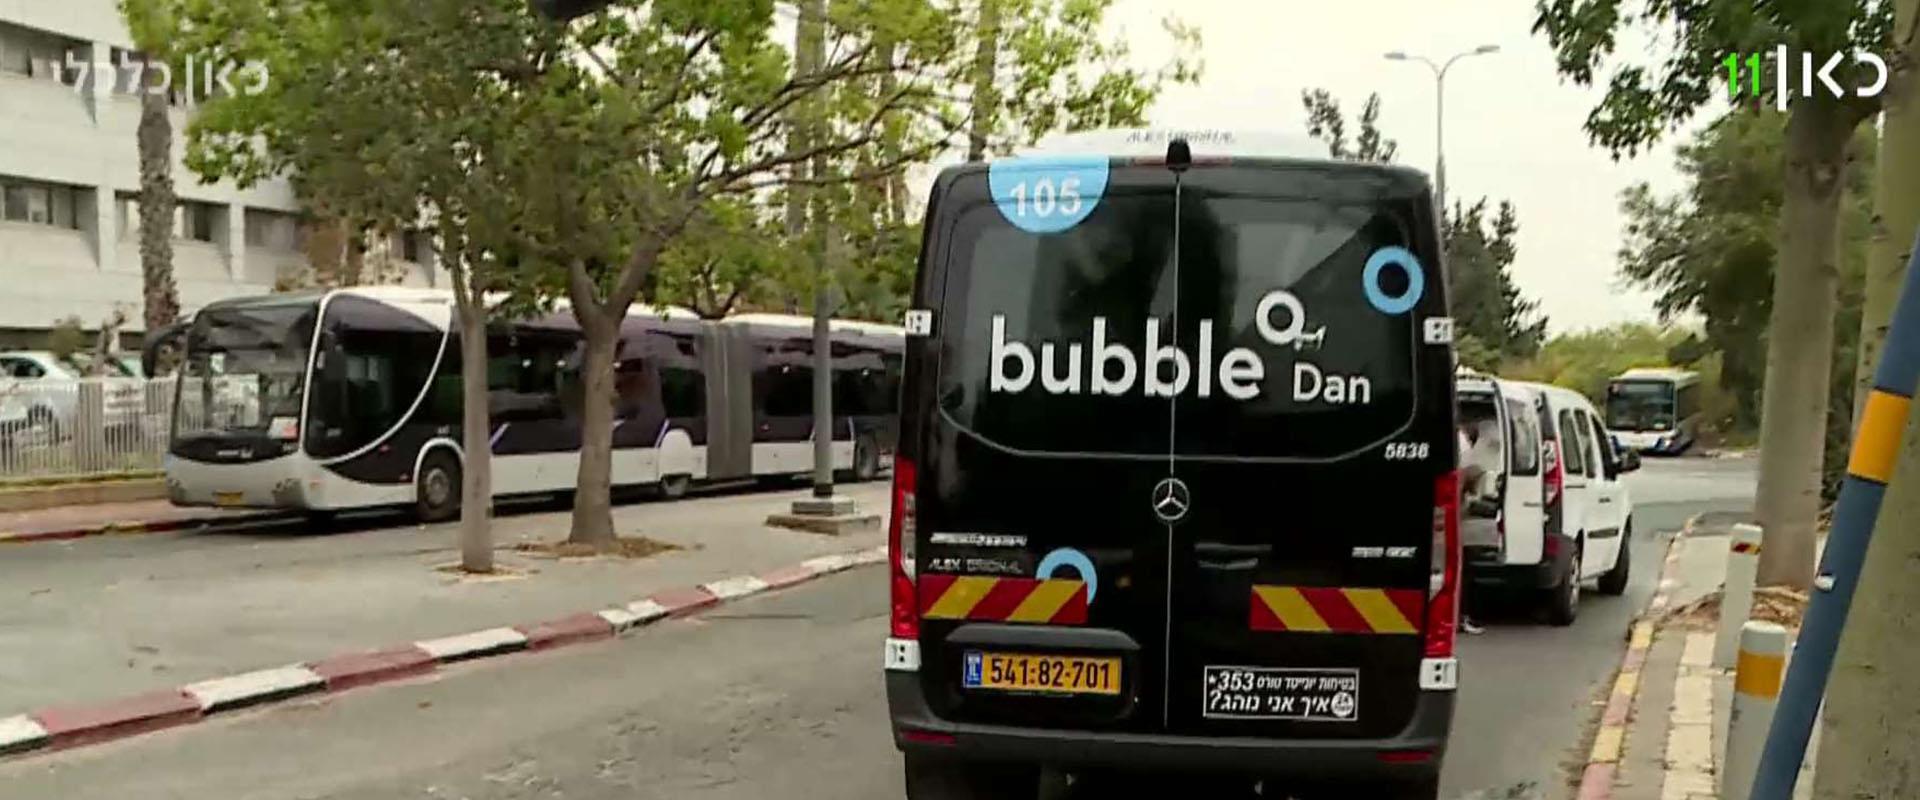 בדקנו את מונית השירות השיתופית של תל אביב